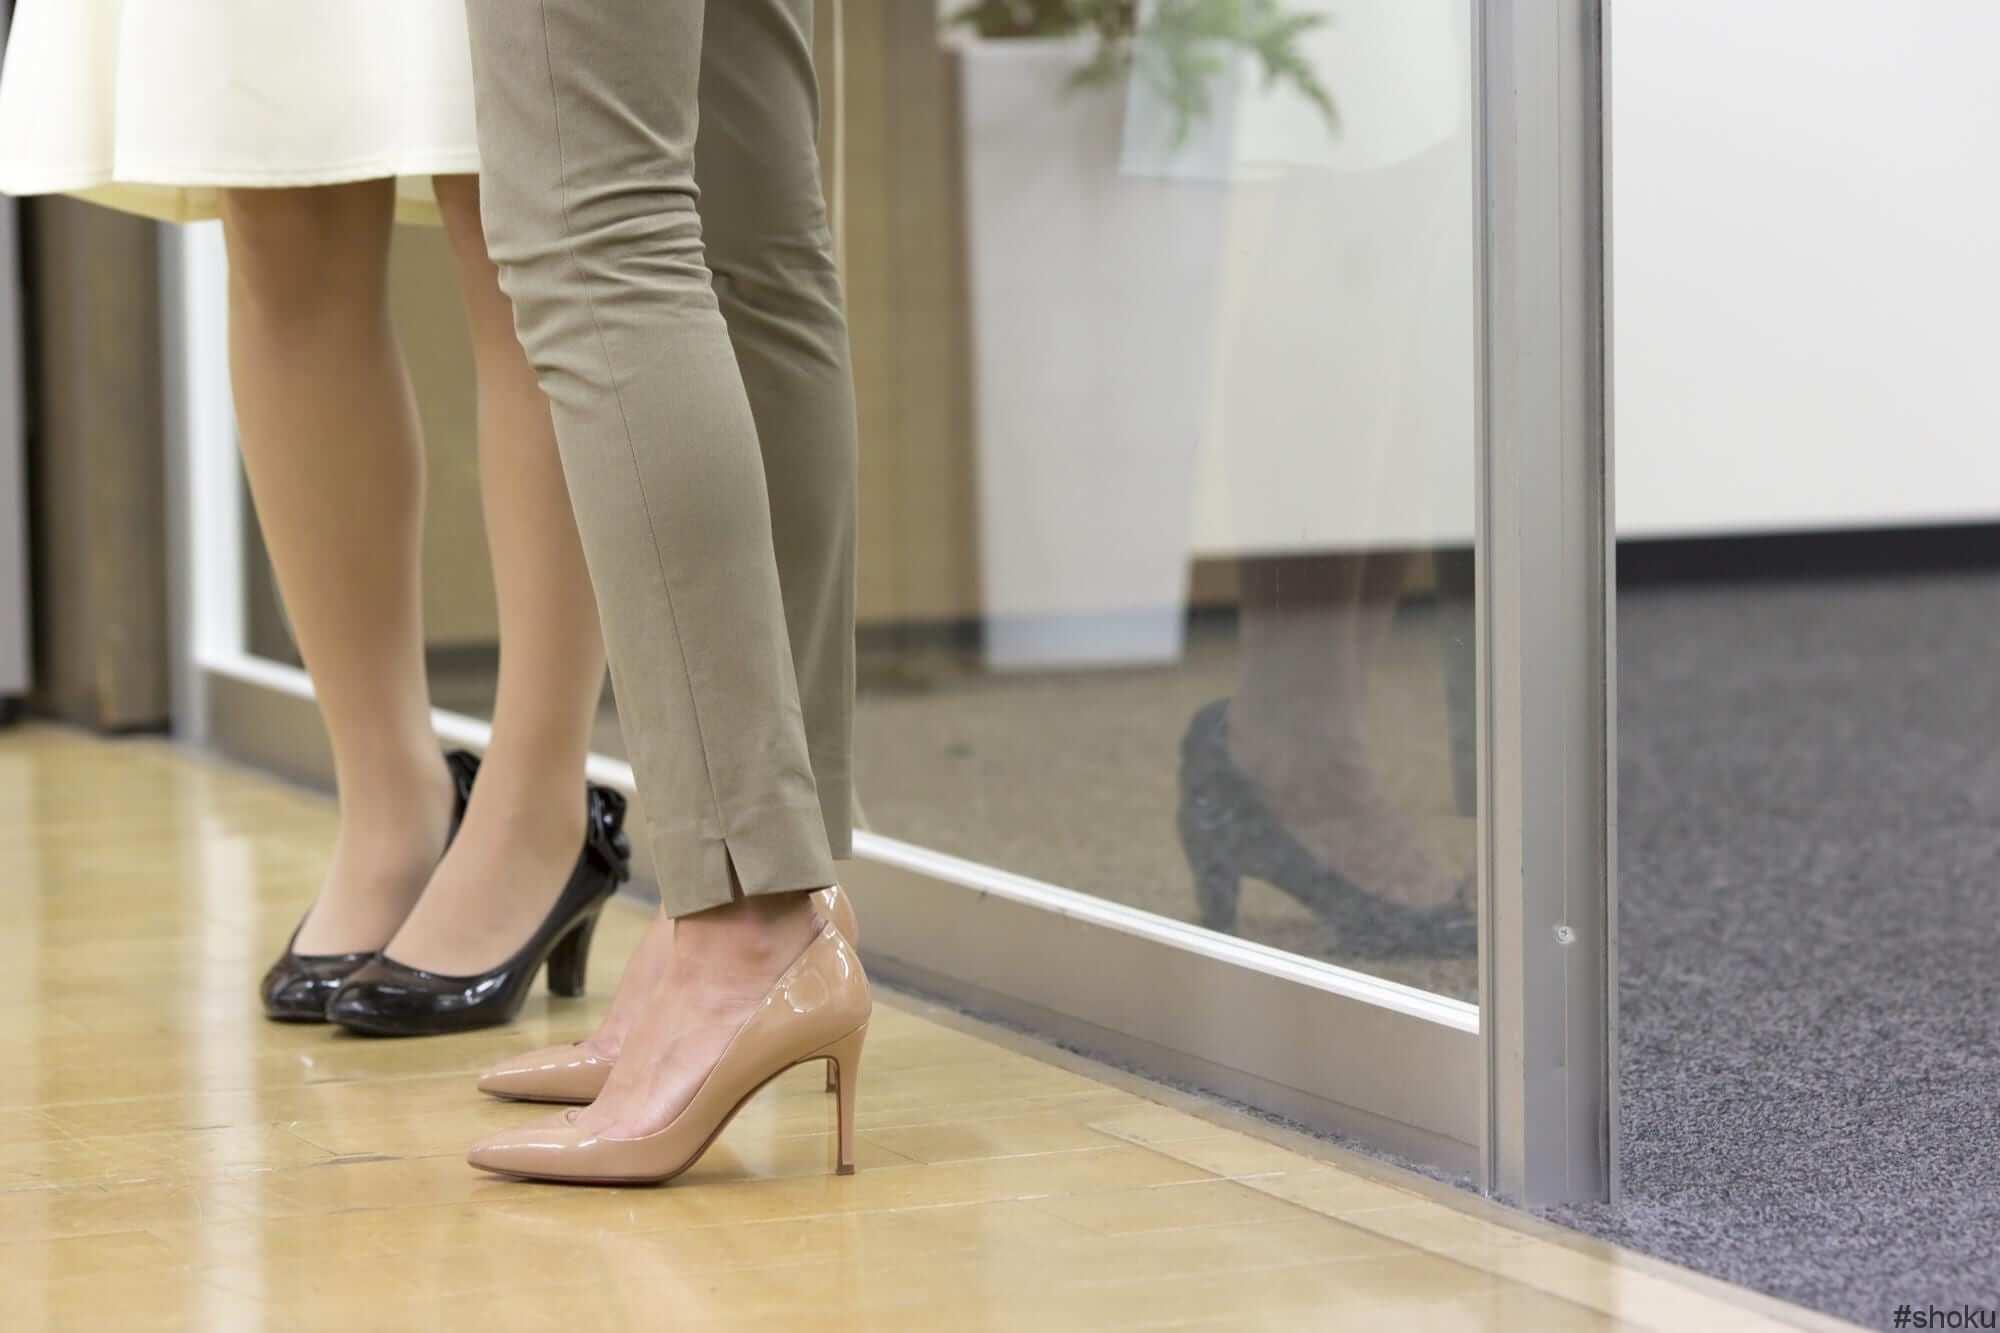 派遣会社に登録する際にTPOに合わせたキレイな靴の見本